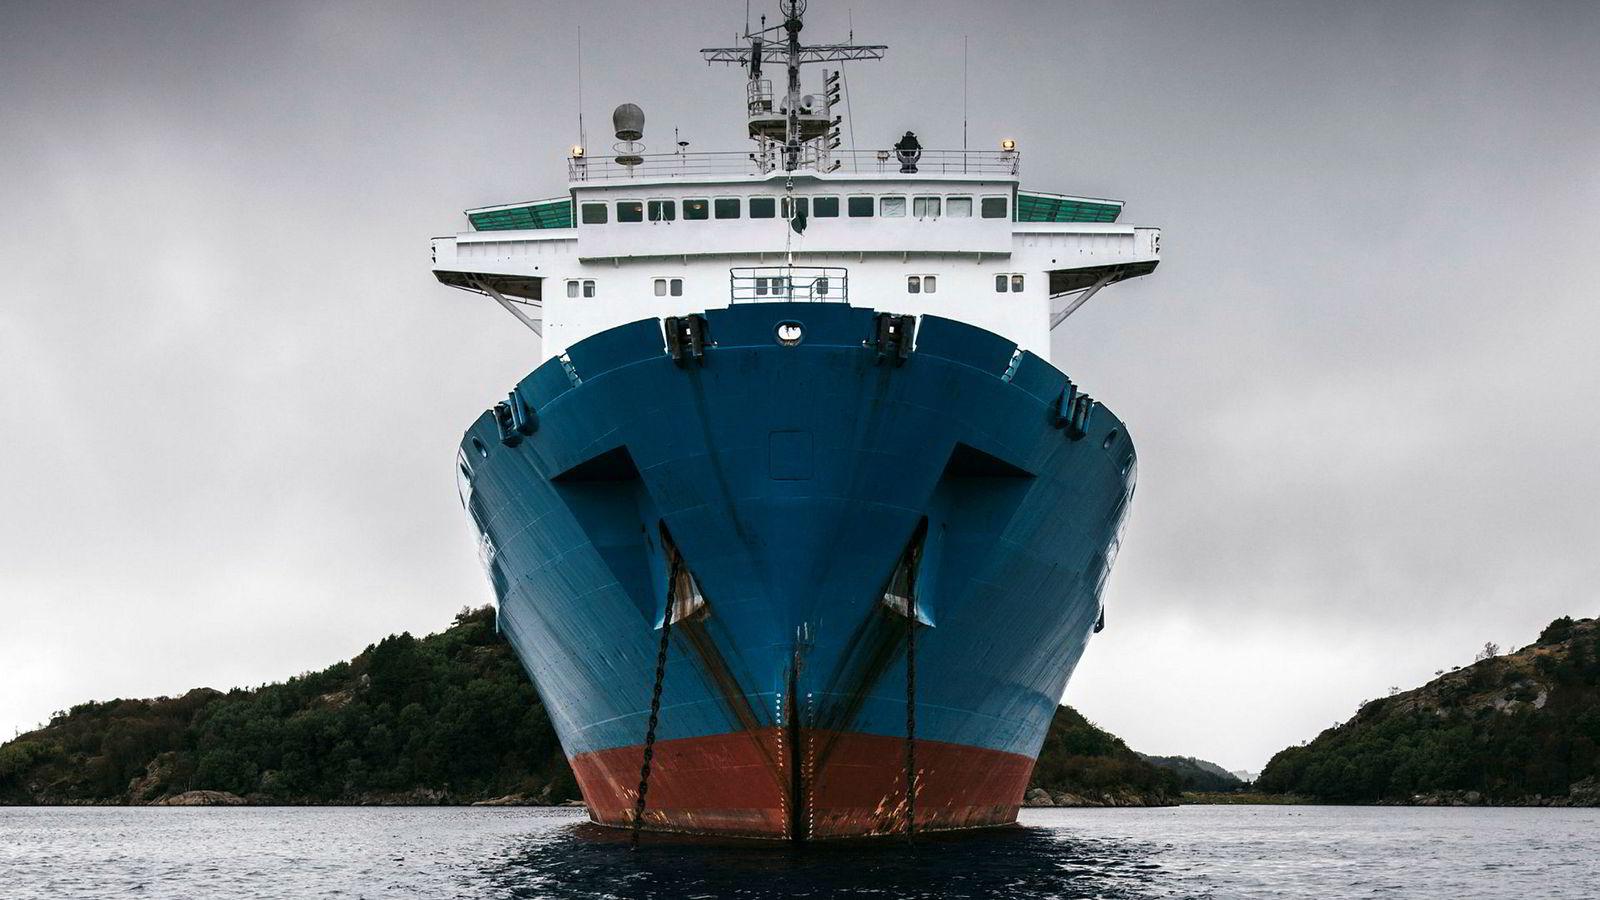 Det gamle lasteskipet «Harrier» er skipet ingen ville ha. Her fra Spindsfjorden utenfor Farsund, der det lå fortøyd i mer enn et år. Da skipet dro fra Norge i fjor, skulle det direkte til opphugging. I stedet er skipet igjen tatt i arrest, denne gang av tyrkiske myndigheter. Det er fortsatt usikkert når skipet vil bli hugget opp.